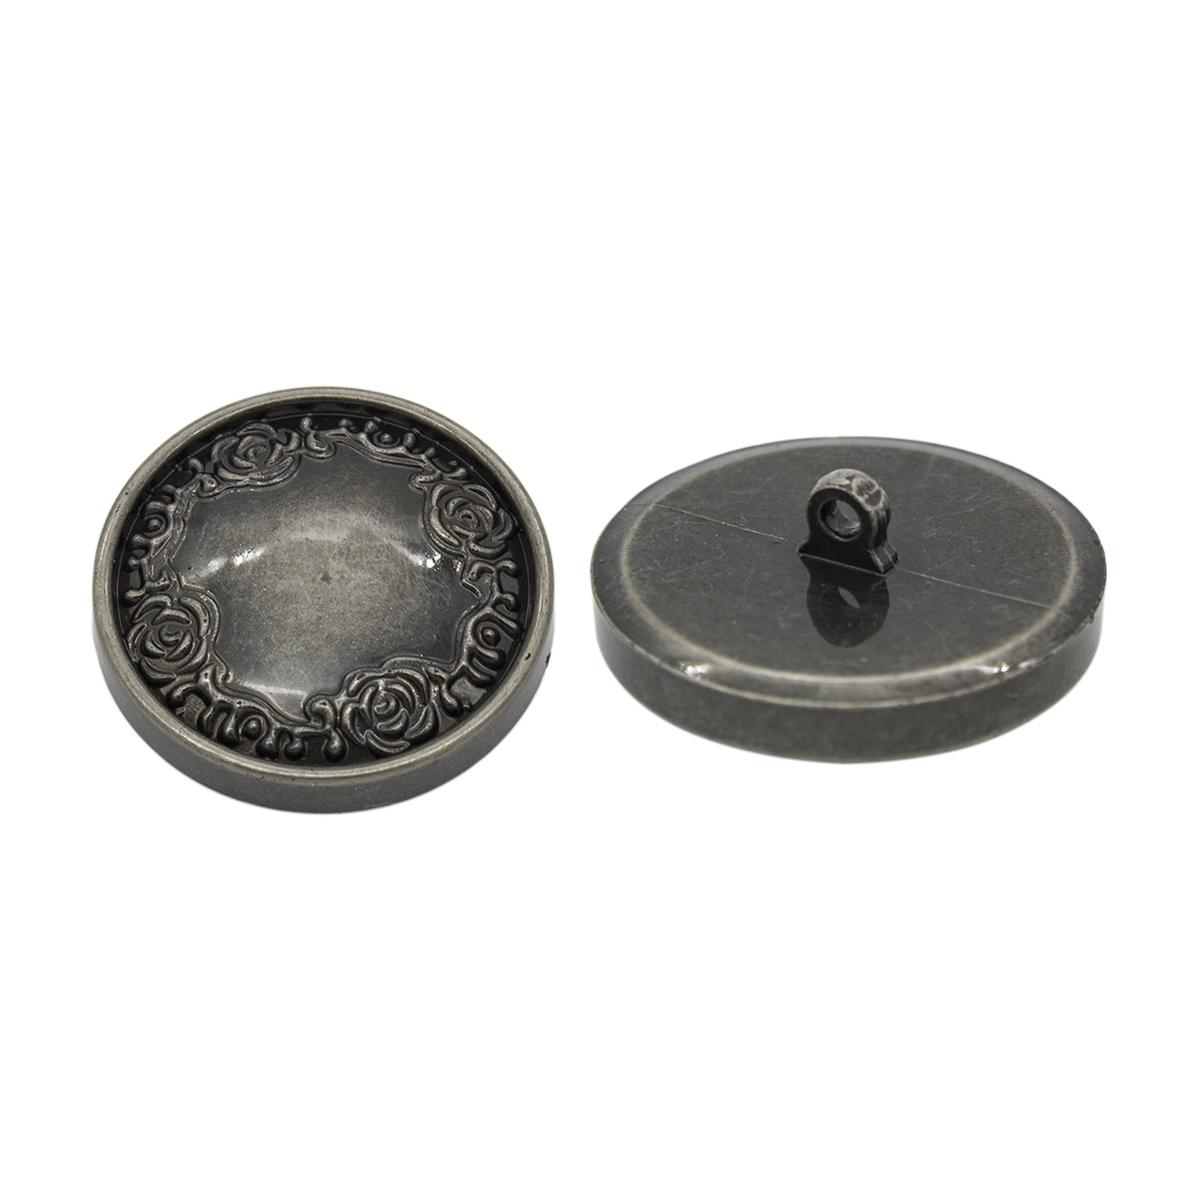 Пуговица пальтовая на ножке (пластик), 44L